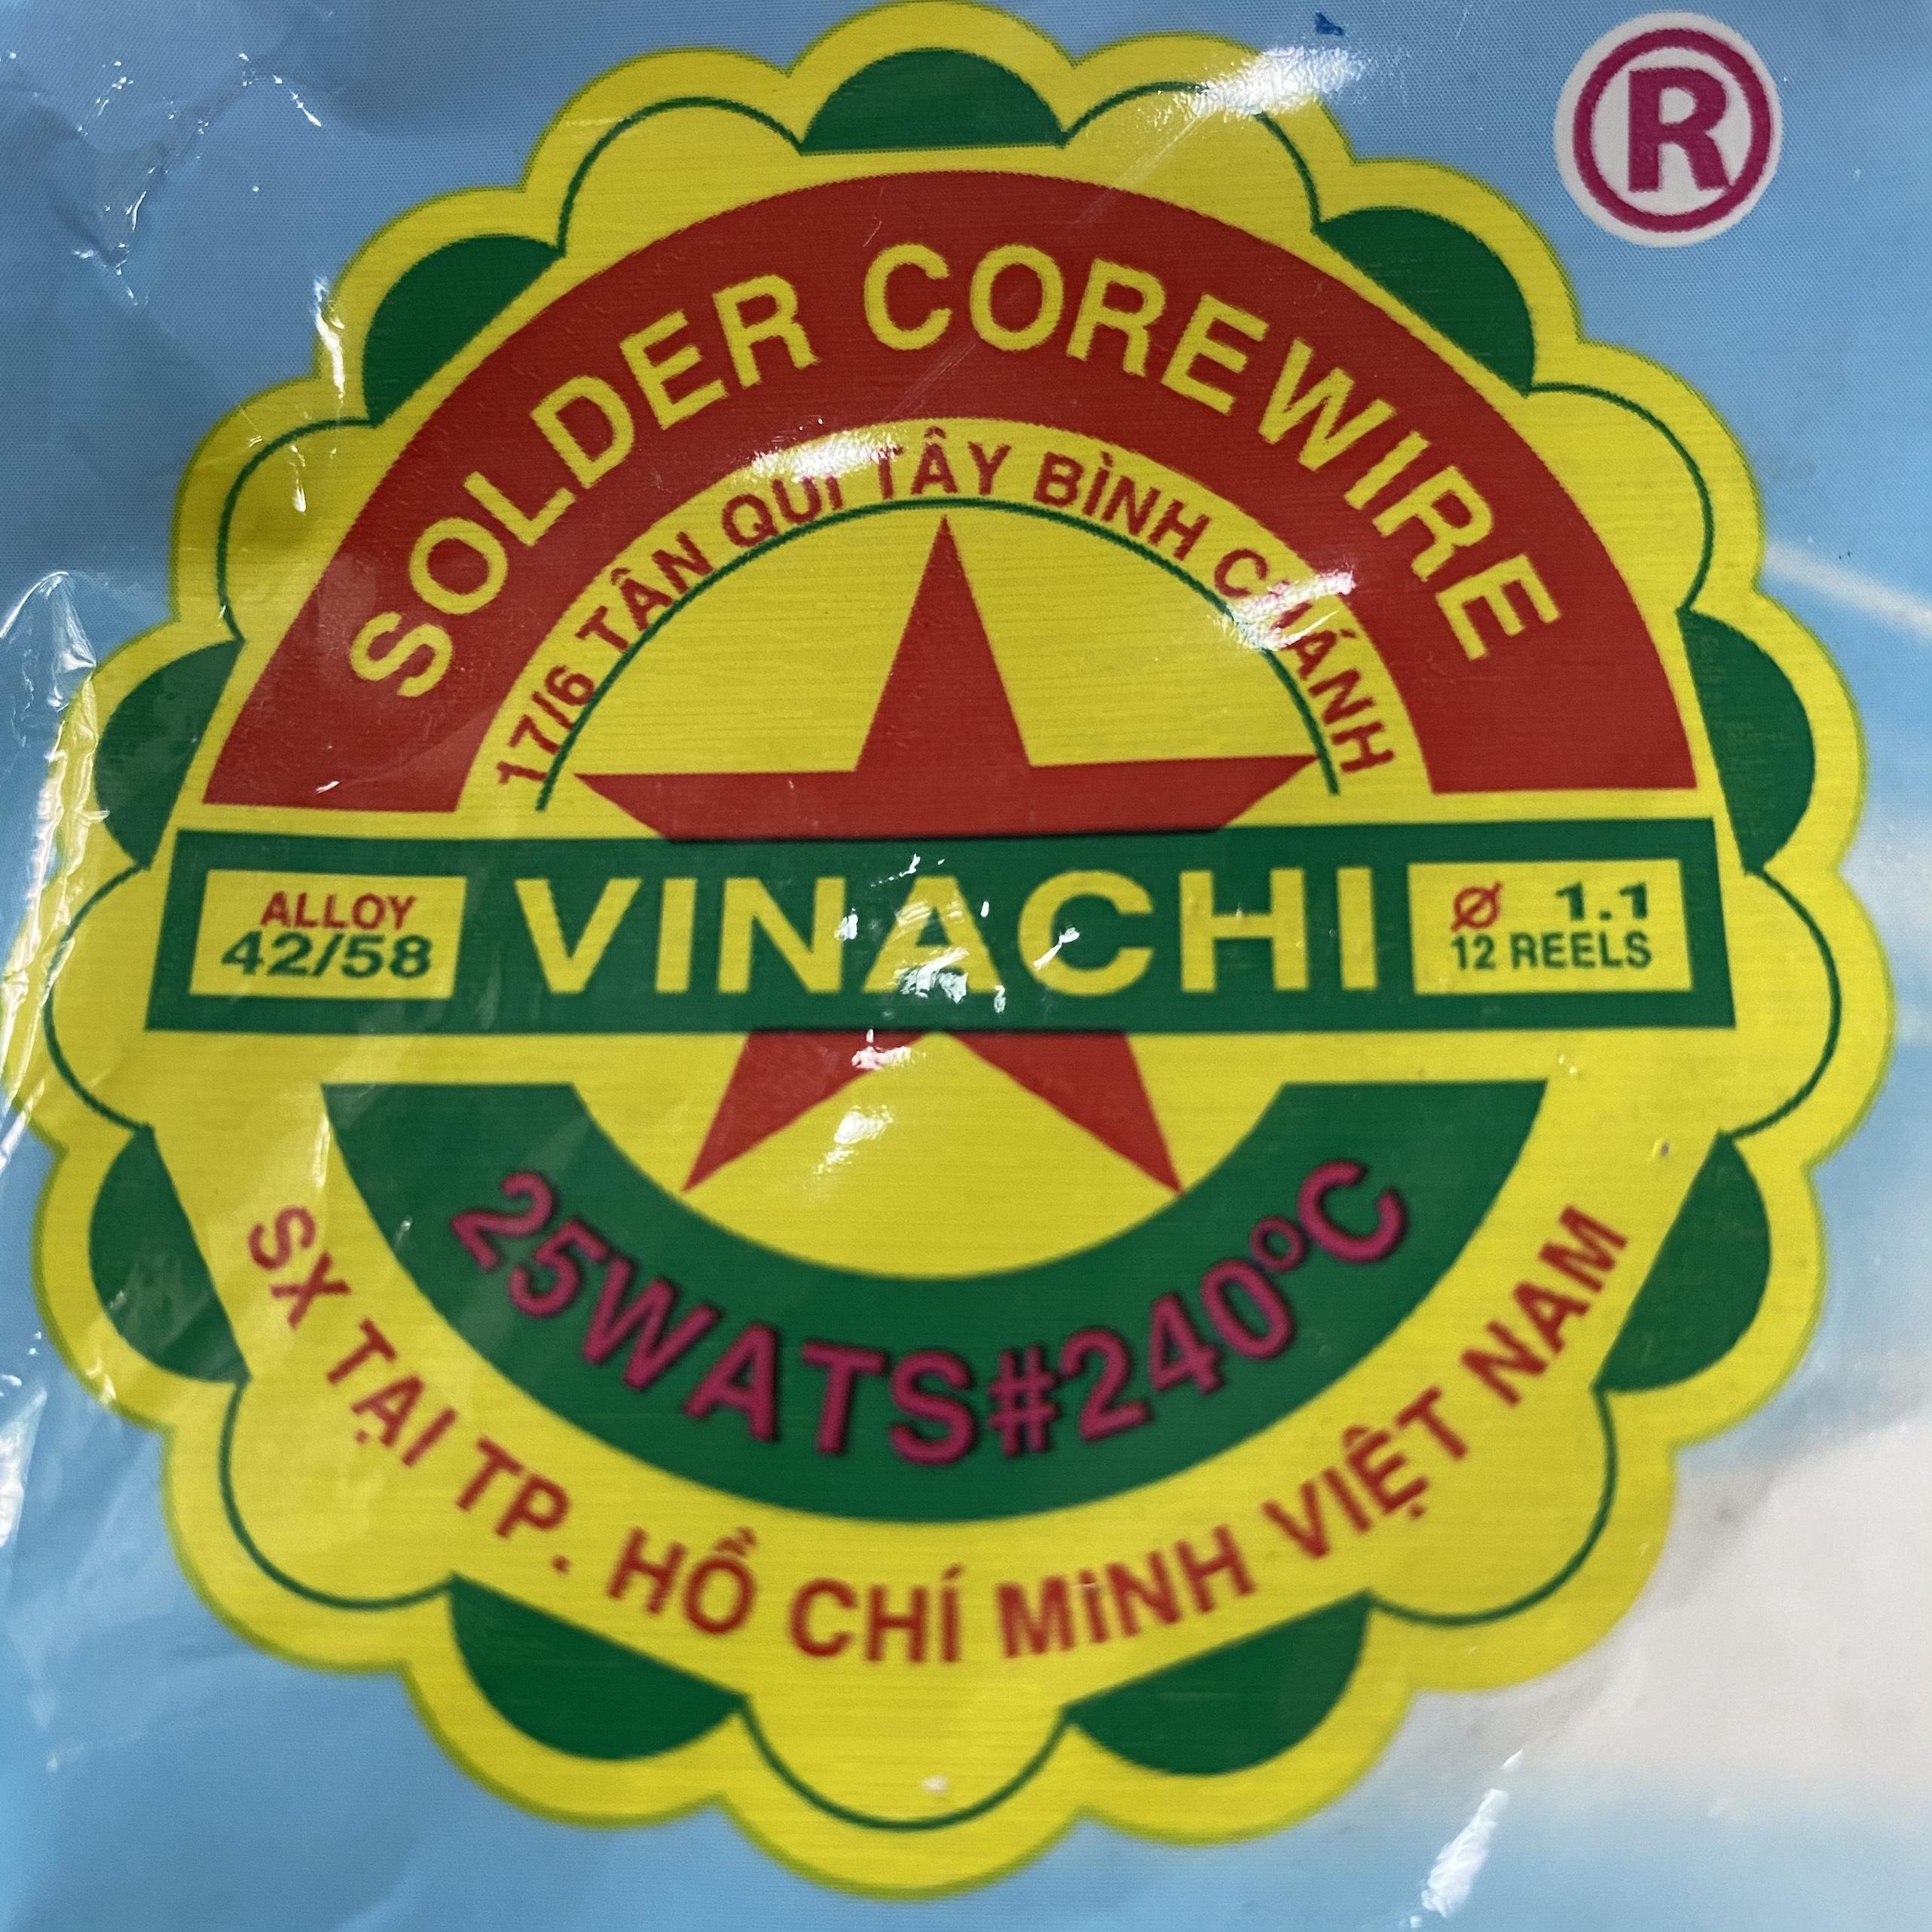 Vinachi